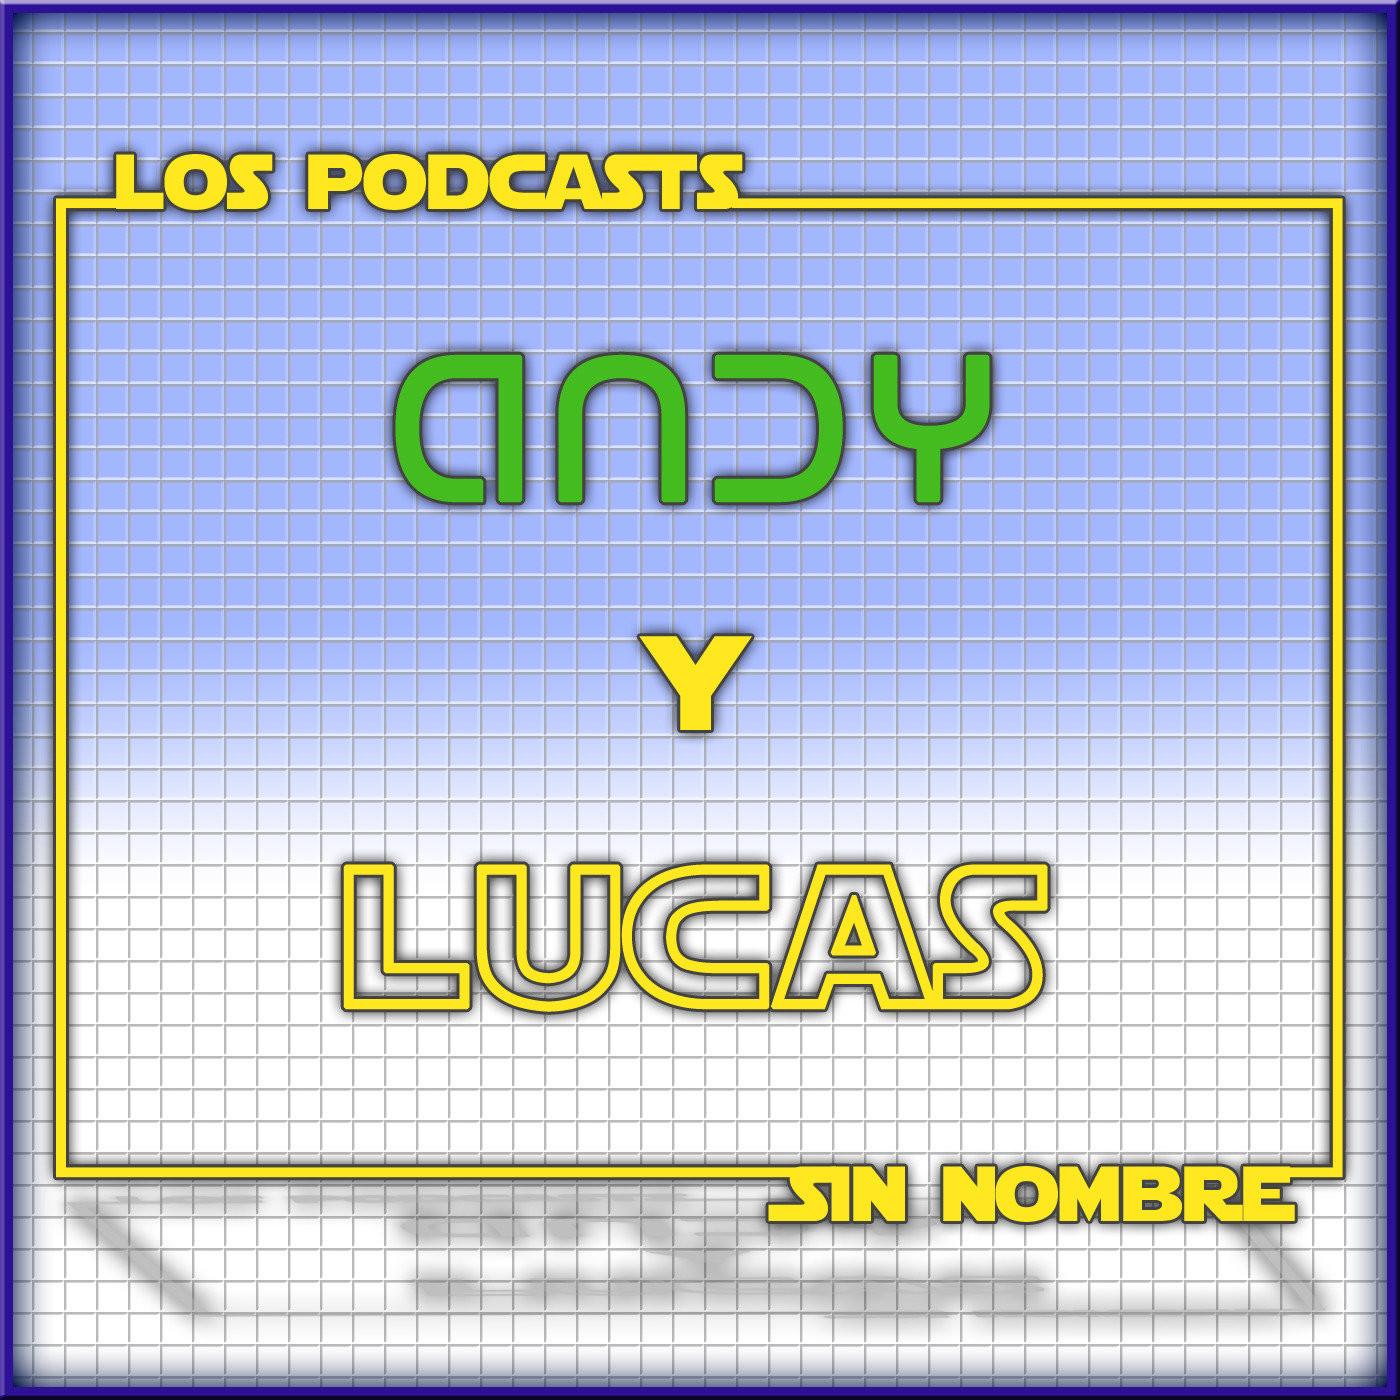 <![CDATA[Podcasts Sin Nombre de Andy y Lucas]]>